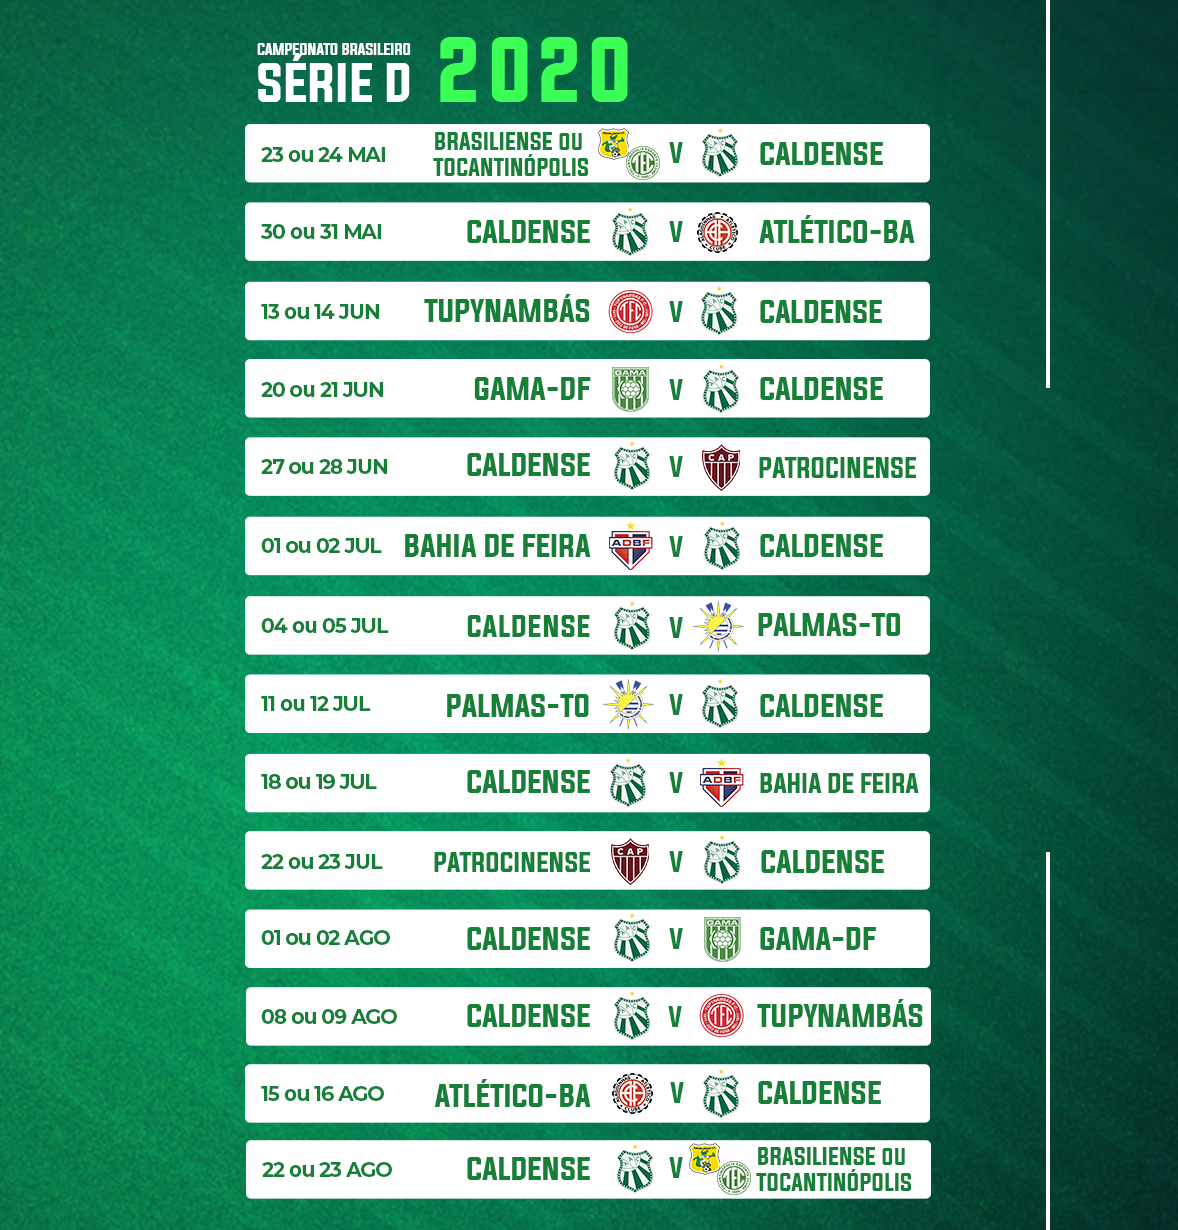 Cbf Divulga Grupos Da Serie D 2020 Veja Os Adversarios Da Caldense